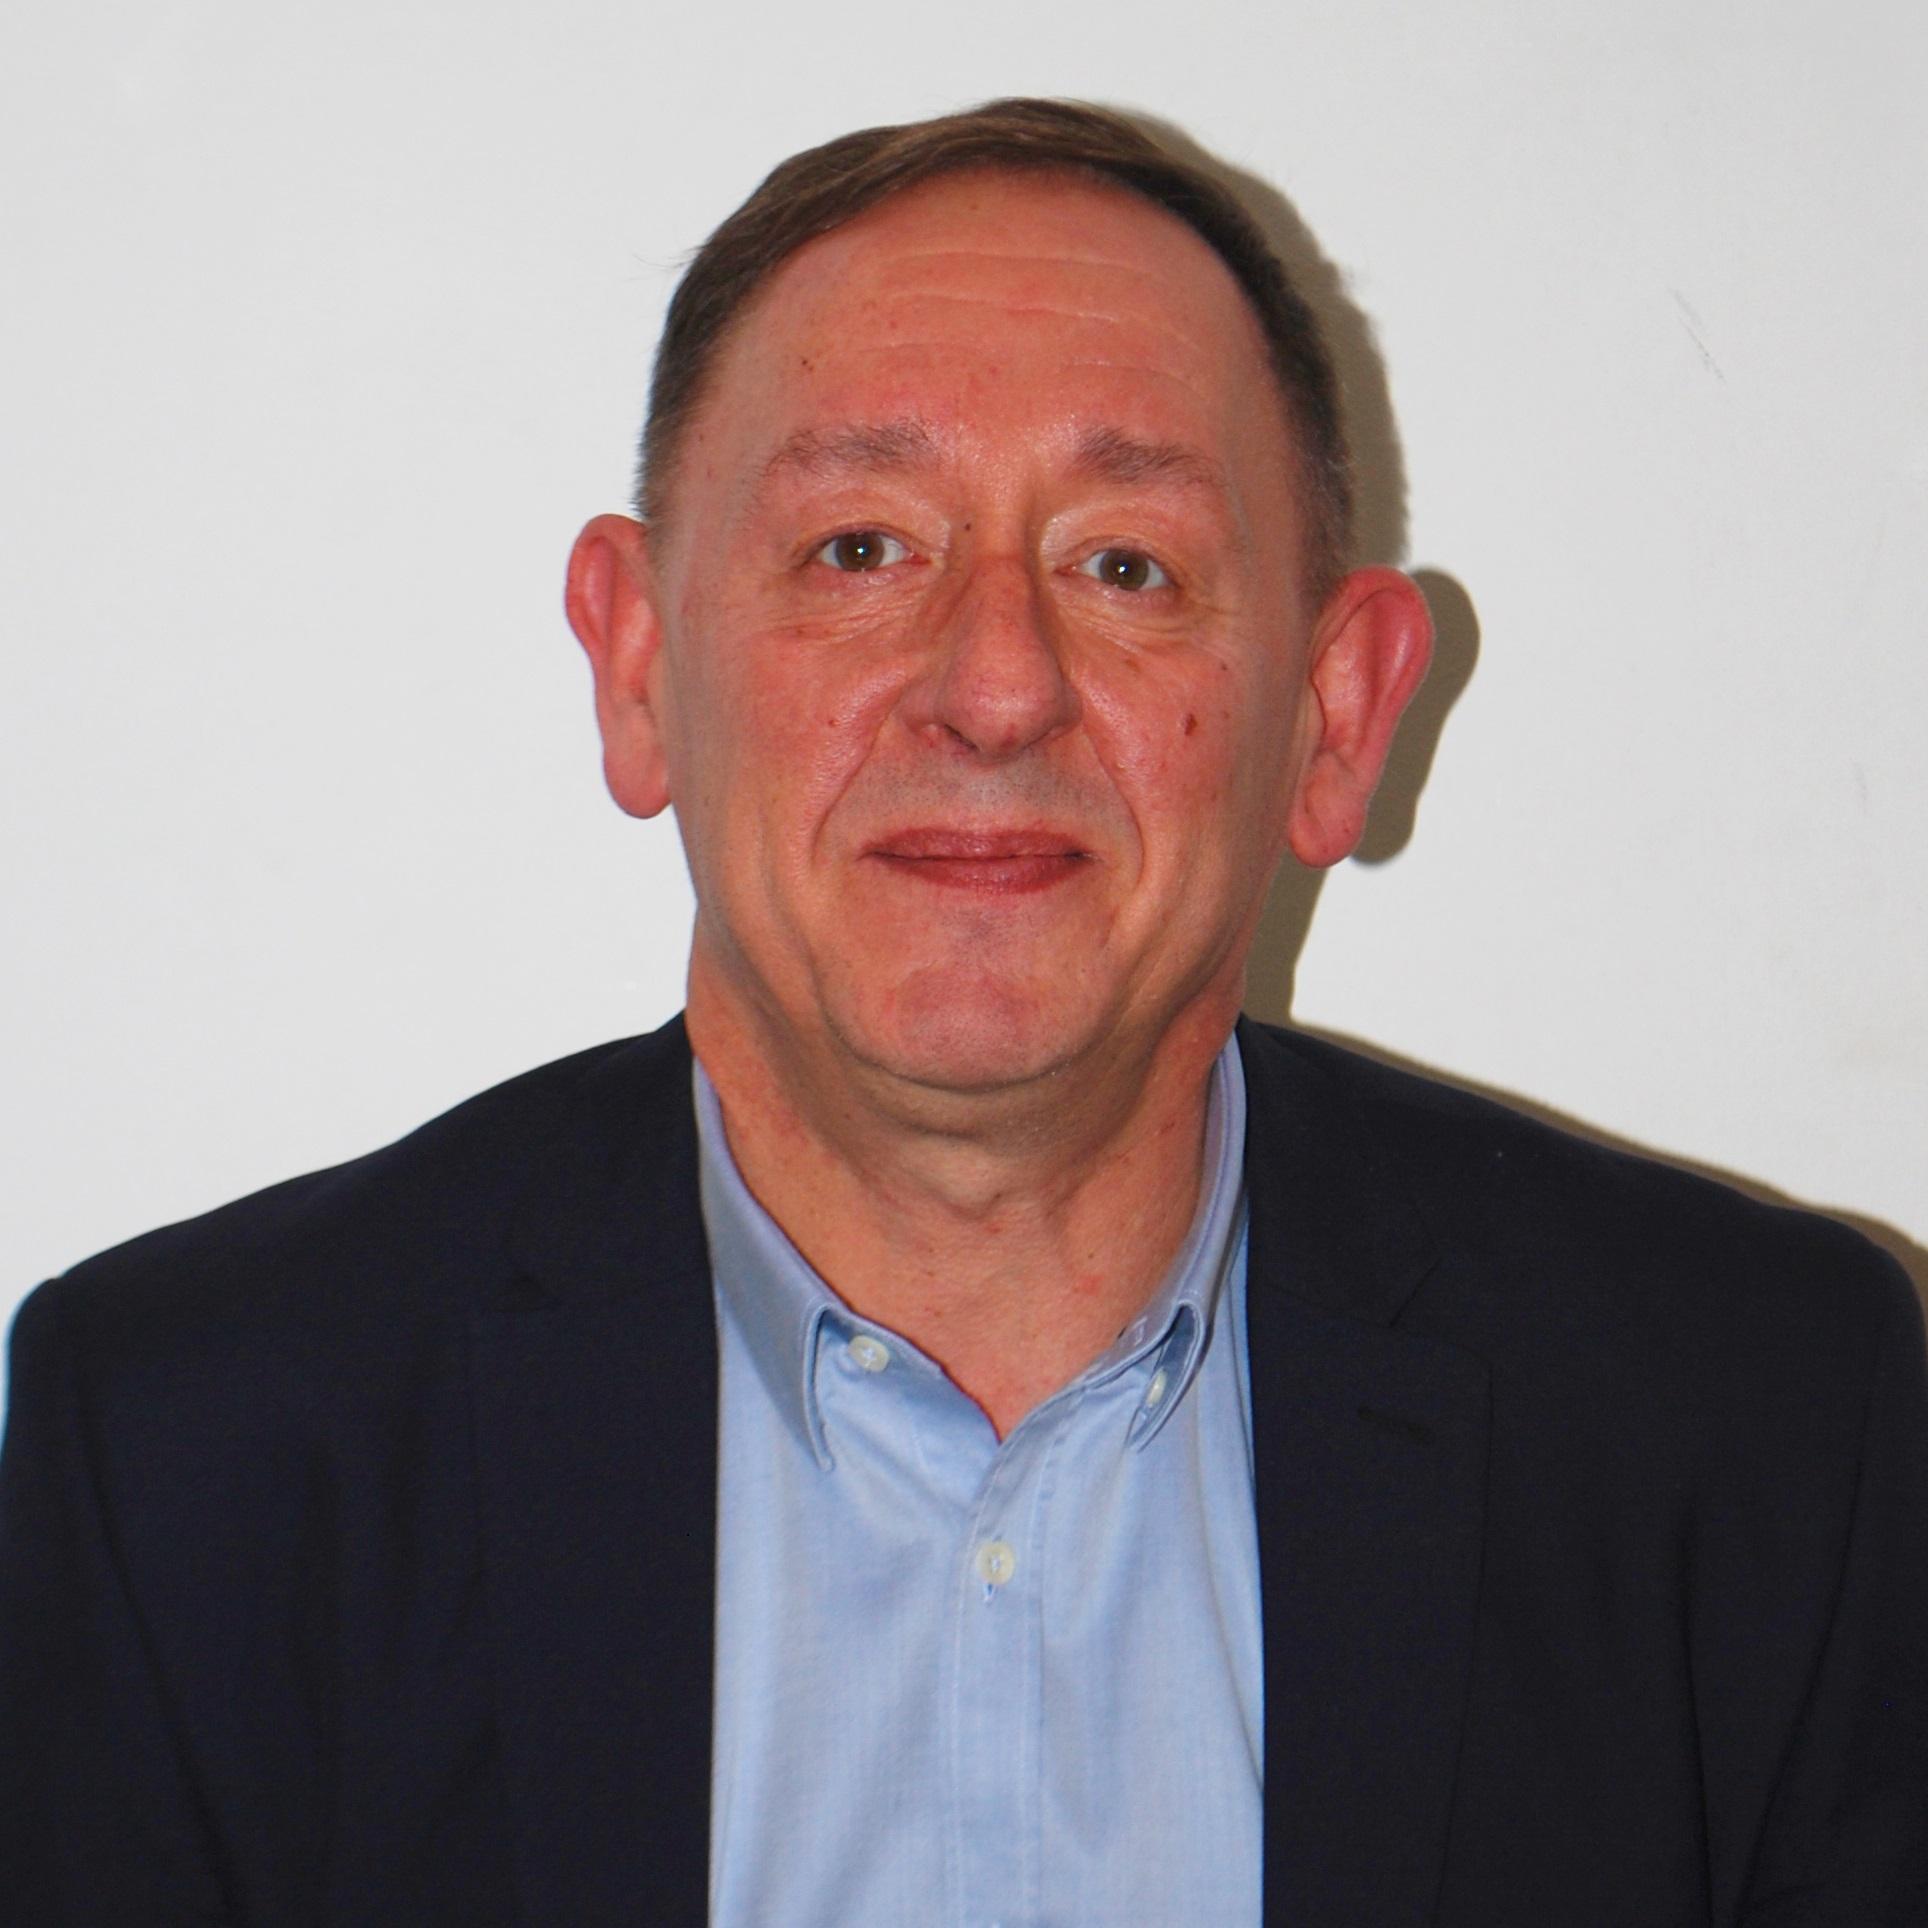 Gary Bullett